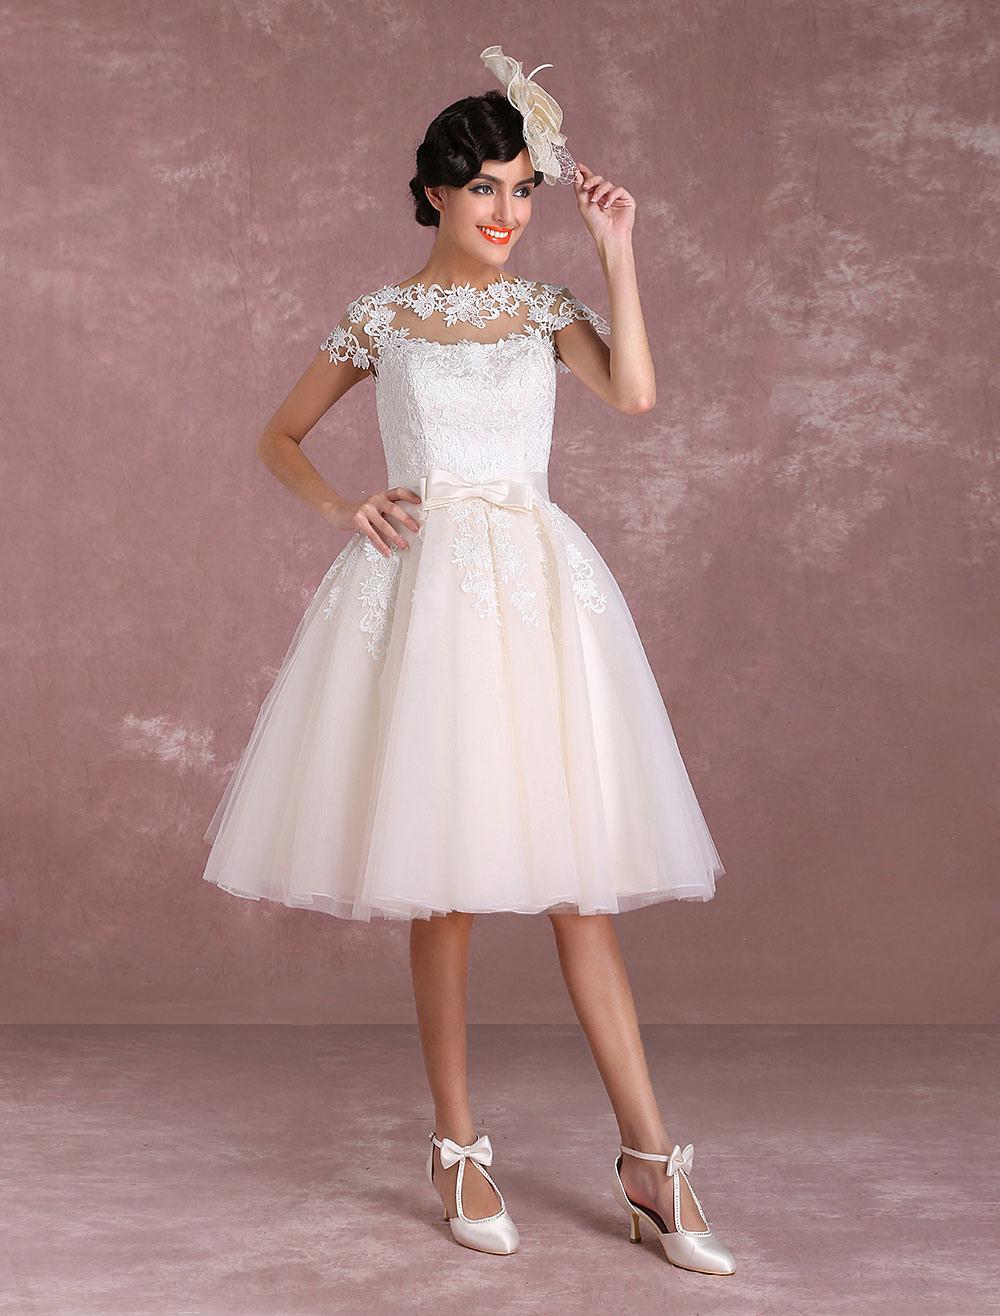 Vintage Wedding Dresses Short Lace Applique Bridal Gown Illusion Bow ...